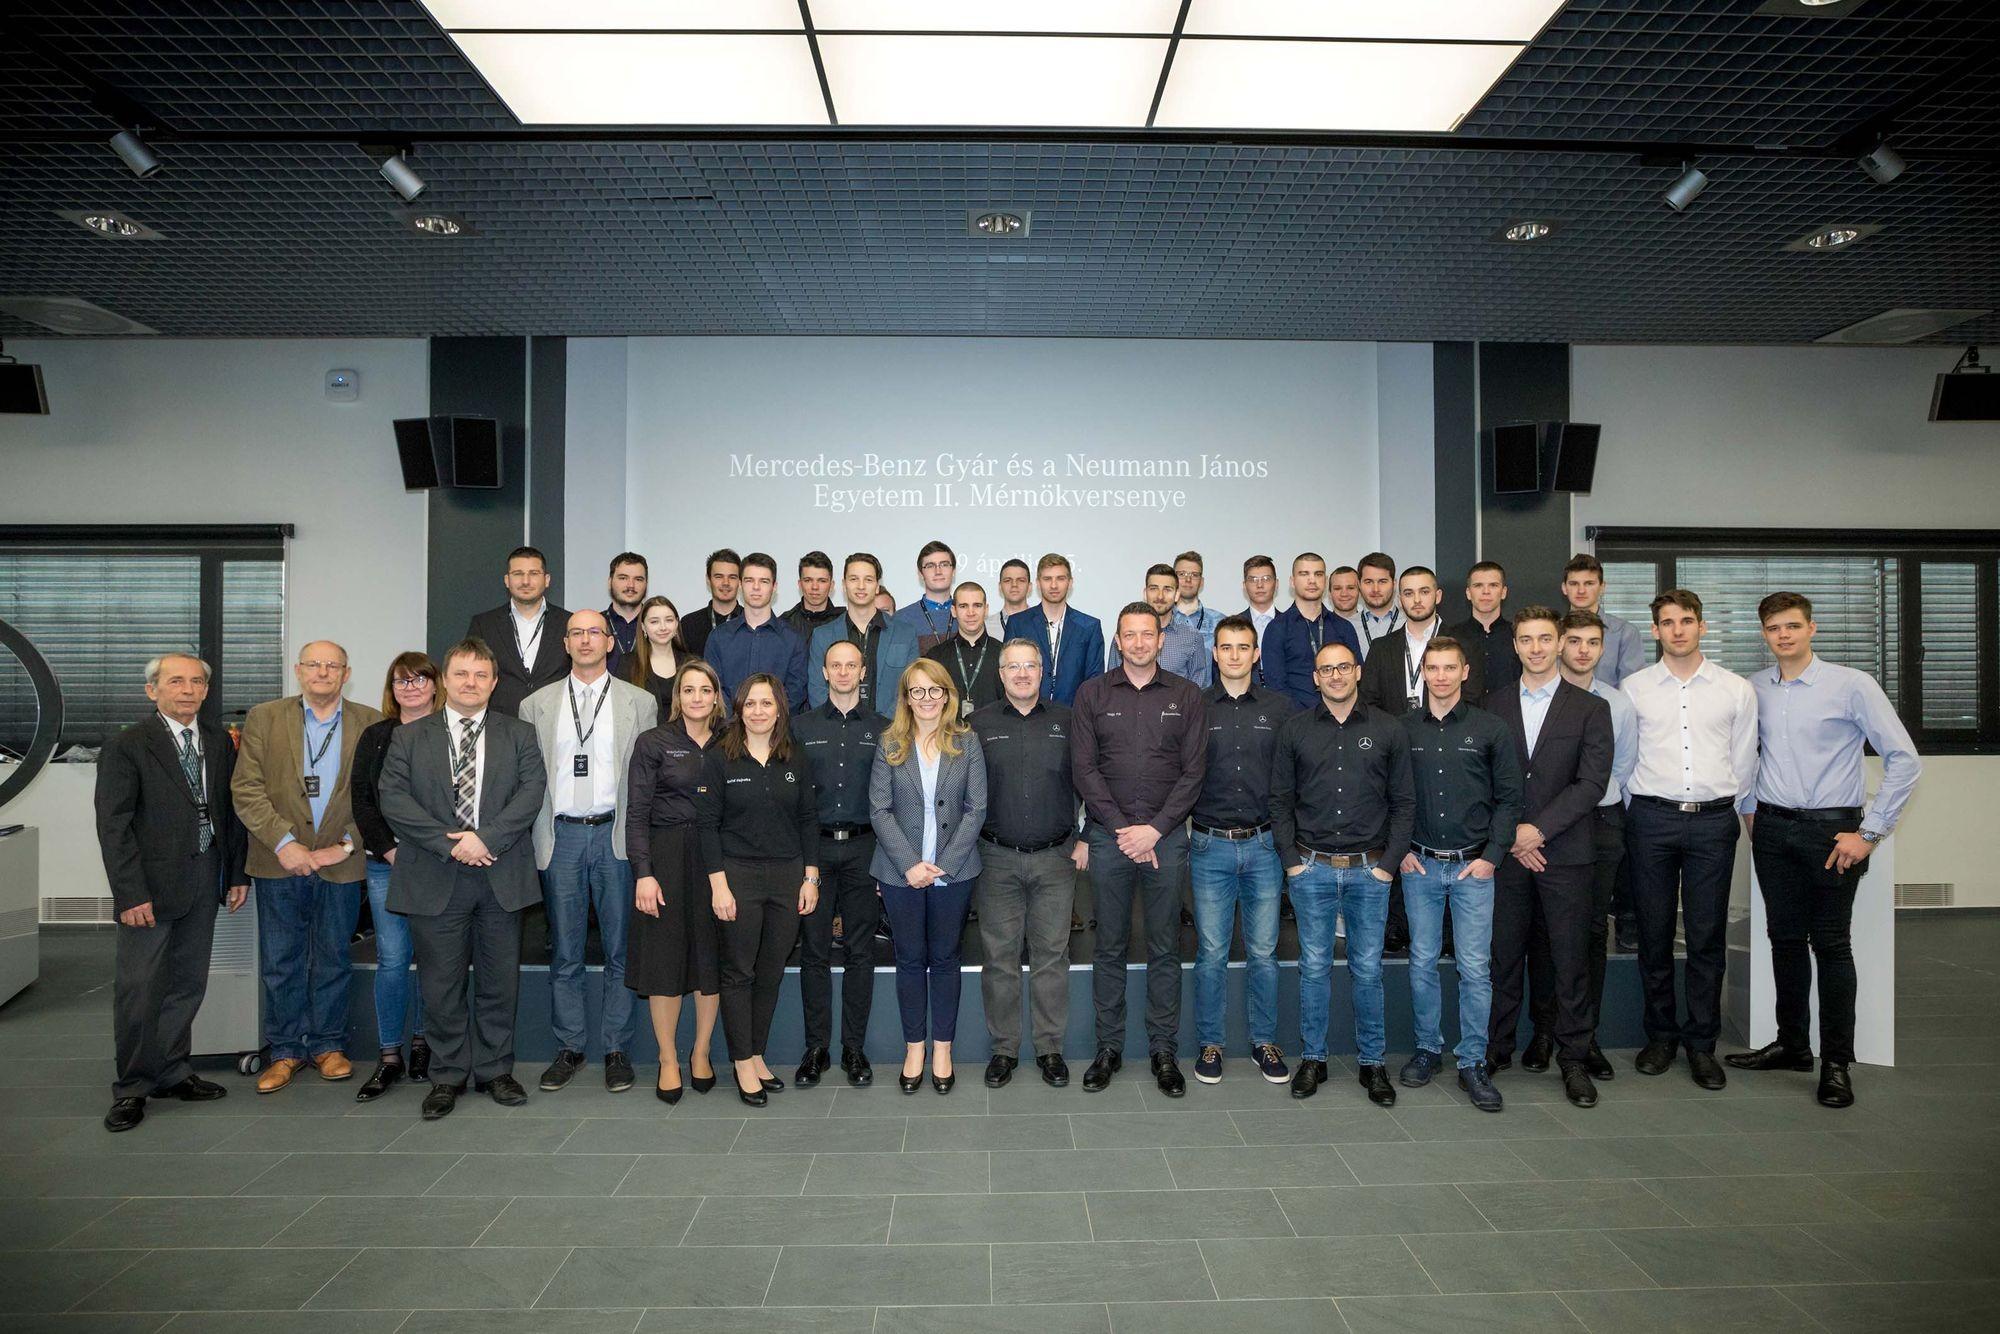 Mérnökhallgatókat díjaztak a Mercedes-Benz gyárban